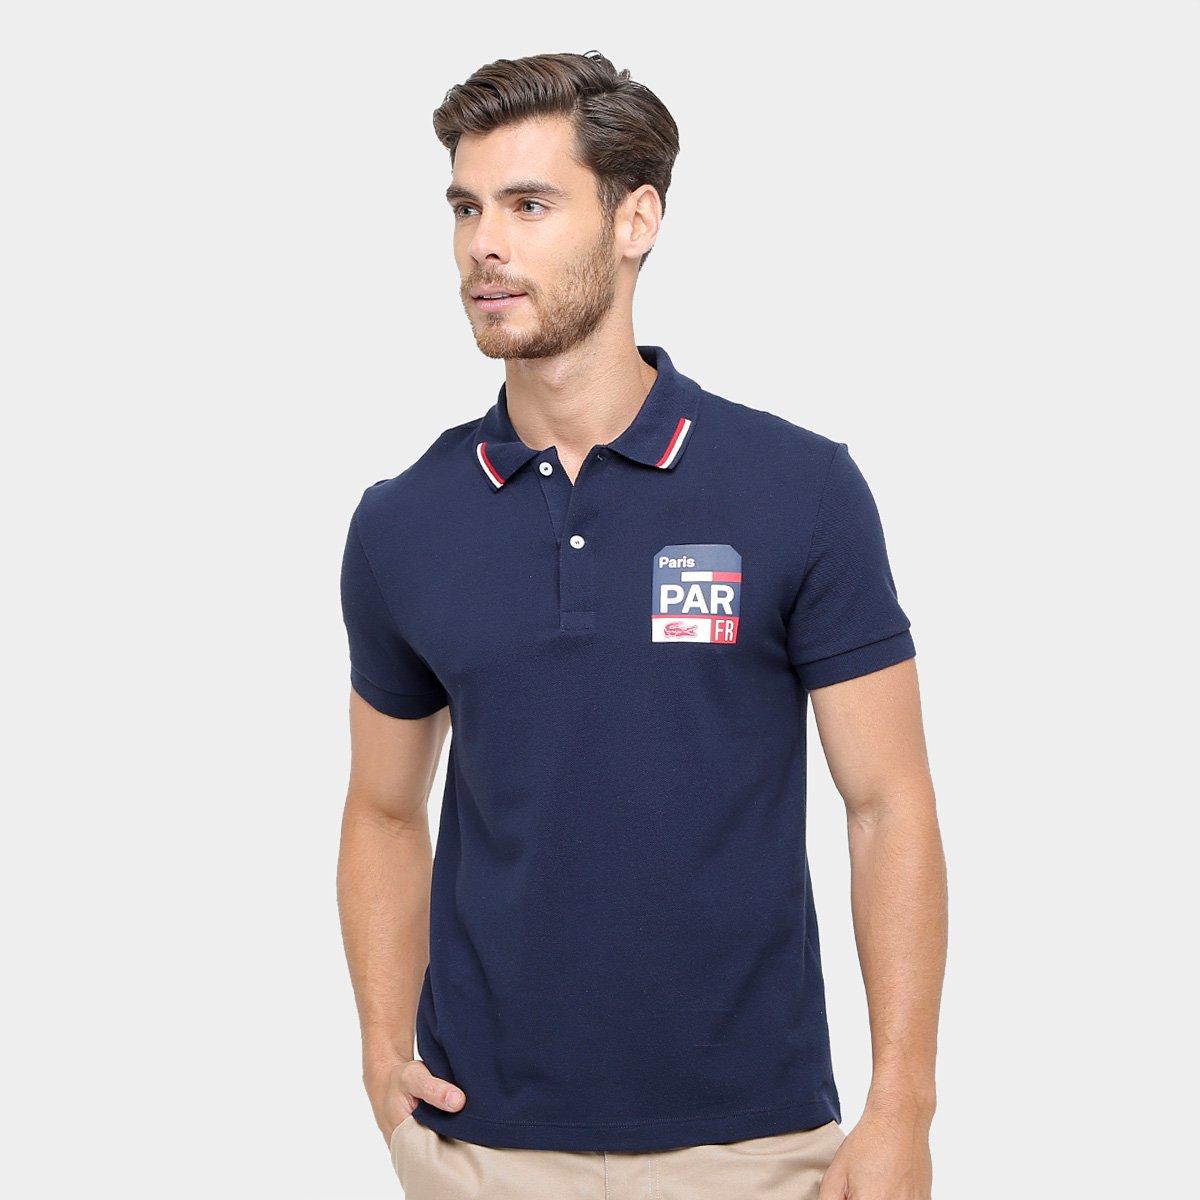 30f44fe579680 Camisa Polo Lacoste Piquet Fit Paris Masculina - Marinho - Compre Agora